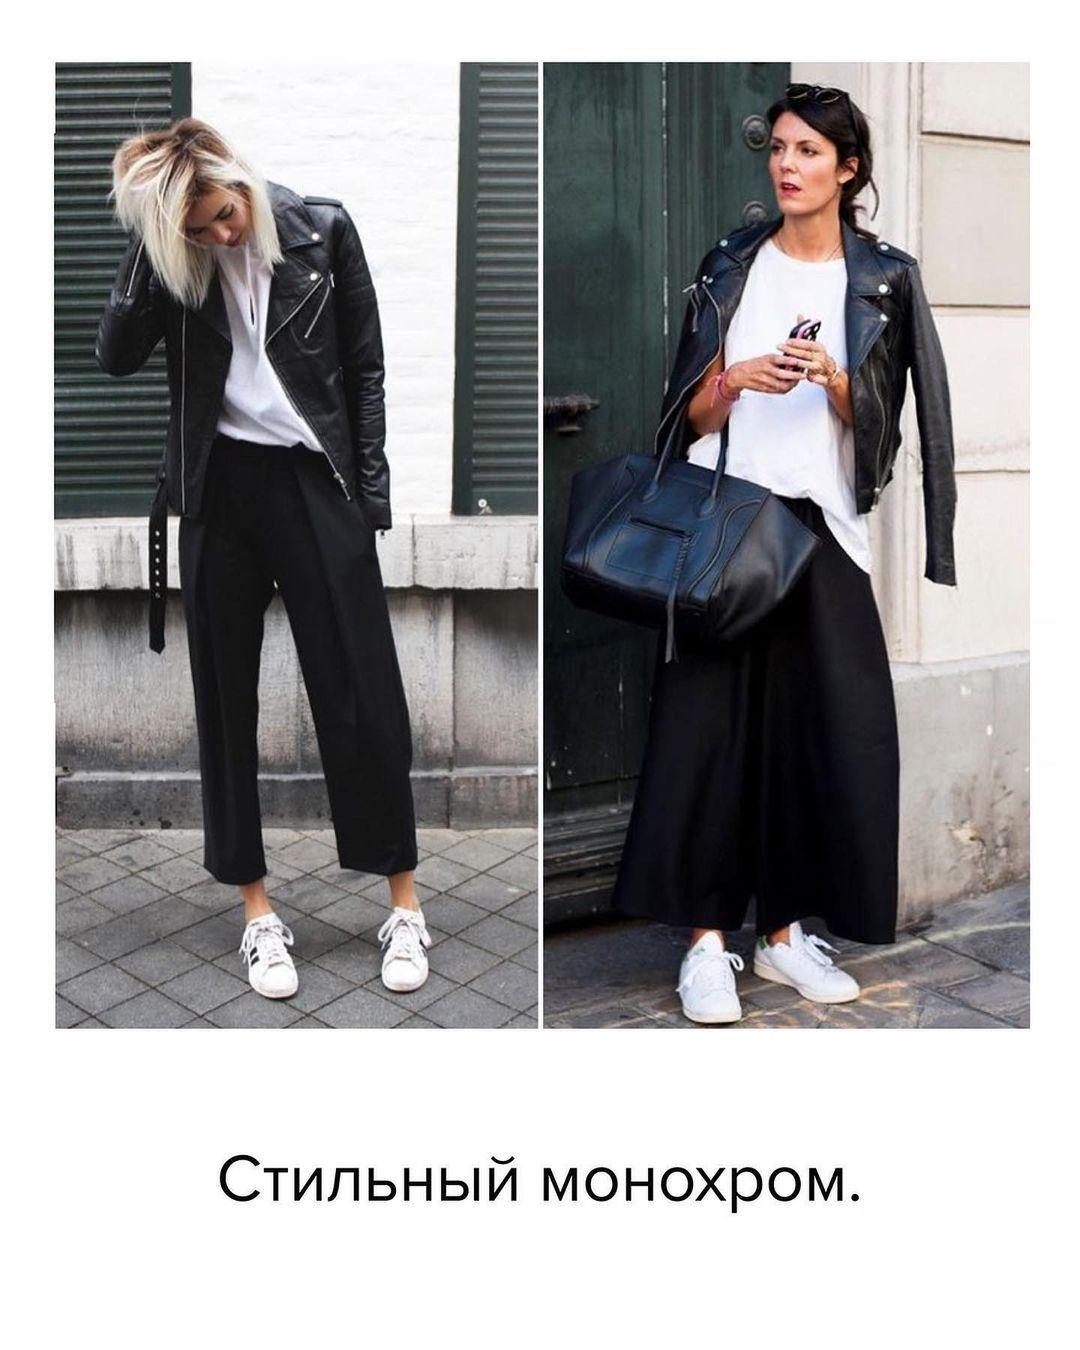 Підійде і до суконь, і до джогерів: стиліст назвала найтрендовішу частину літнього гардероба